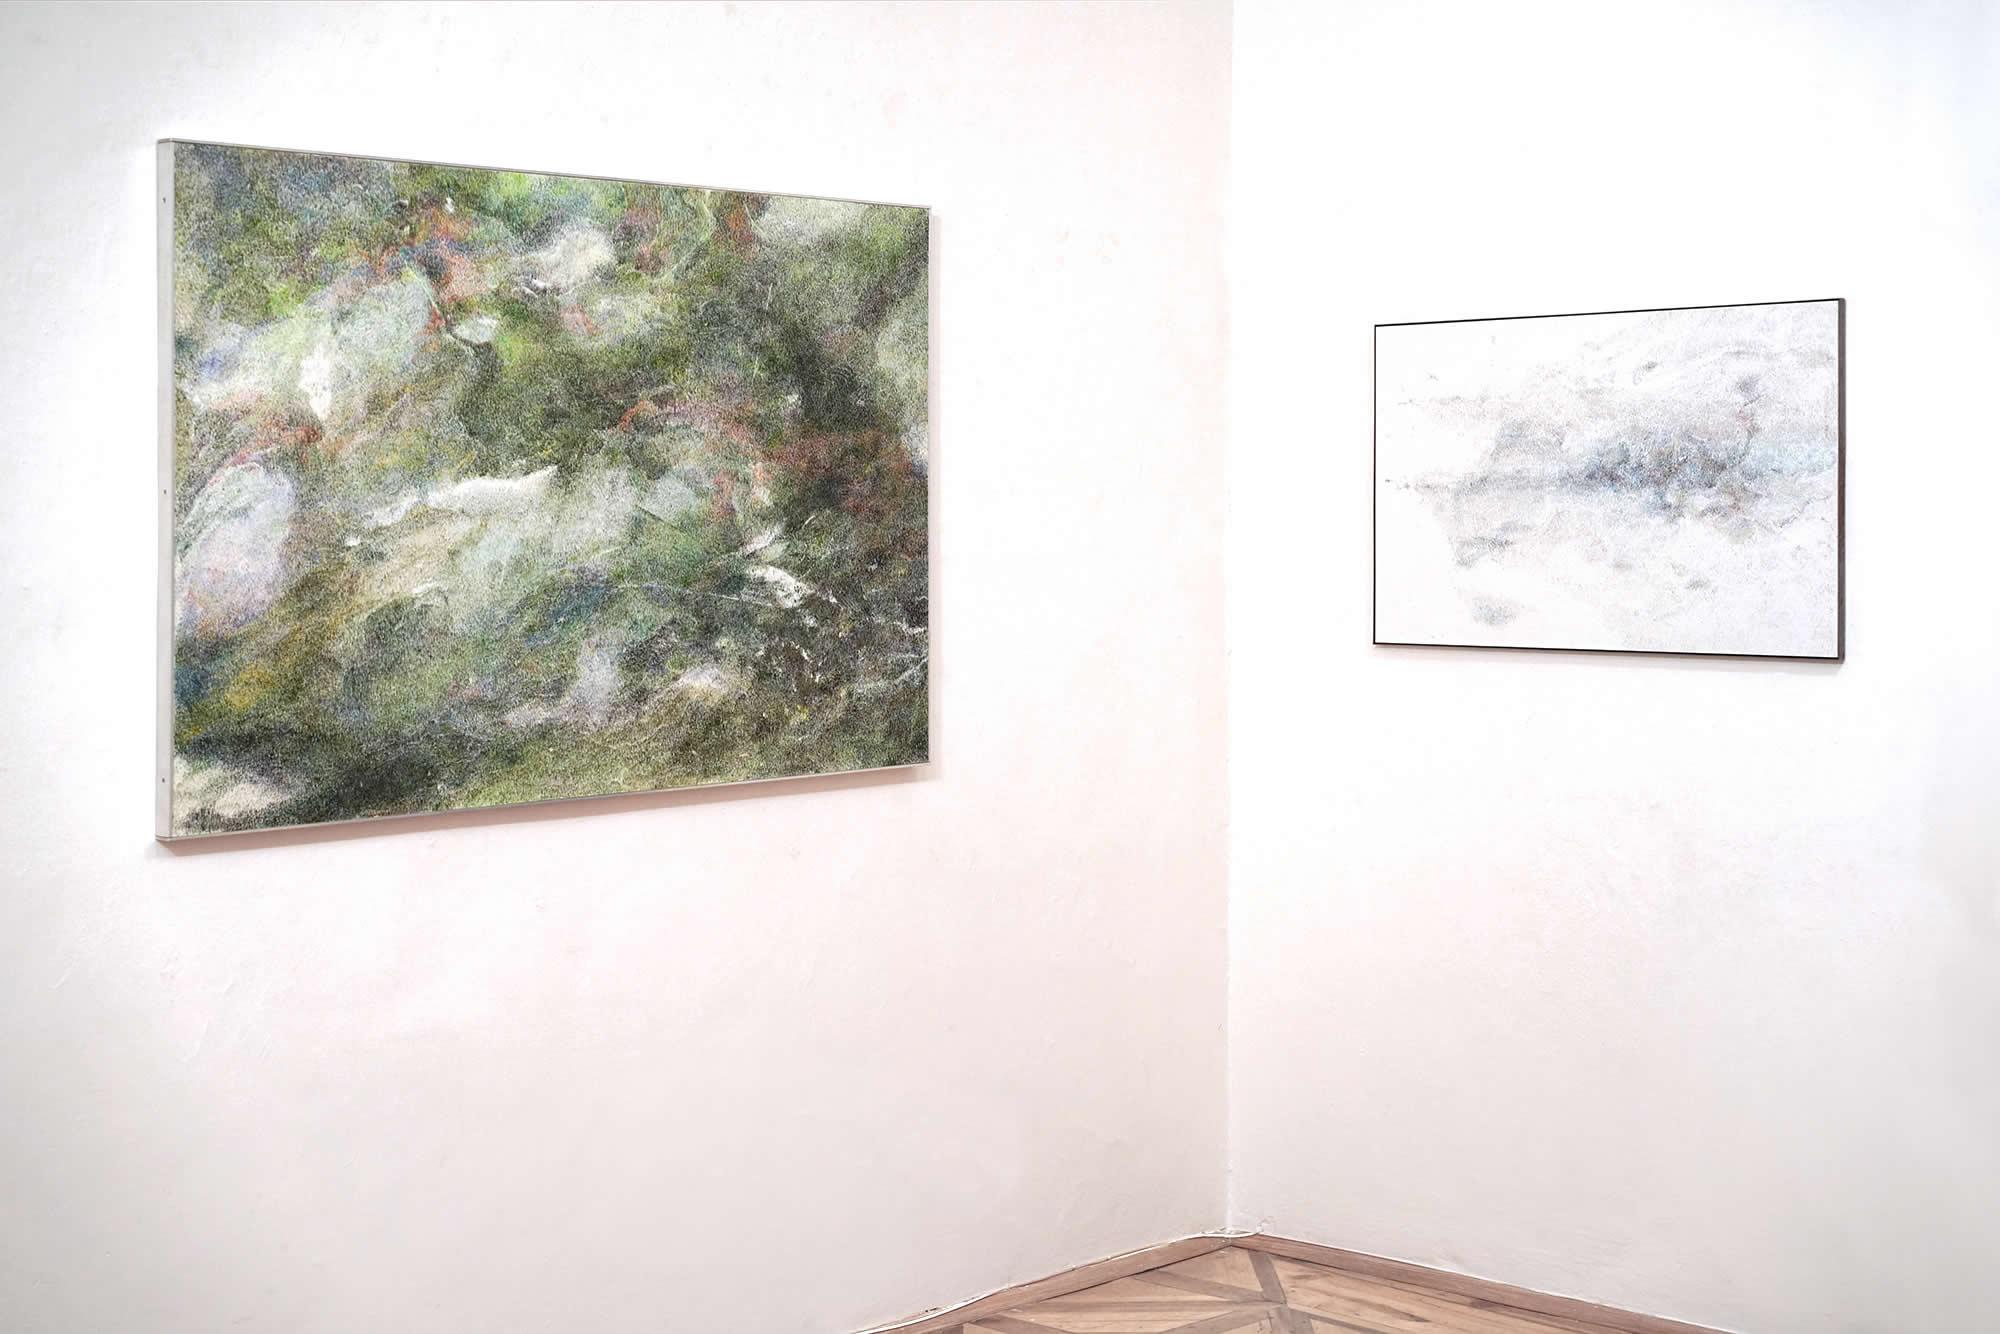 Linda Berger | Strichwelten & Luftkörper | 2019-11 | Galerie3